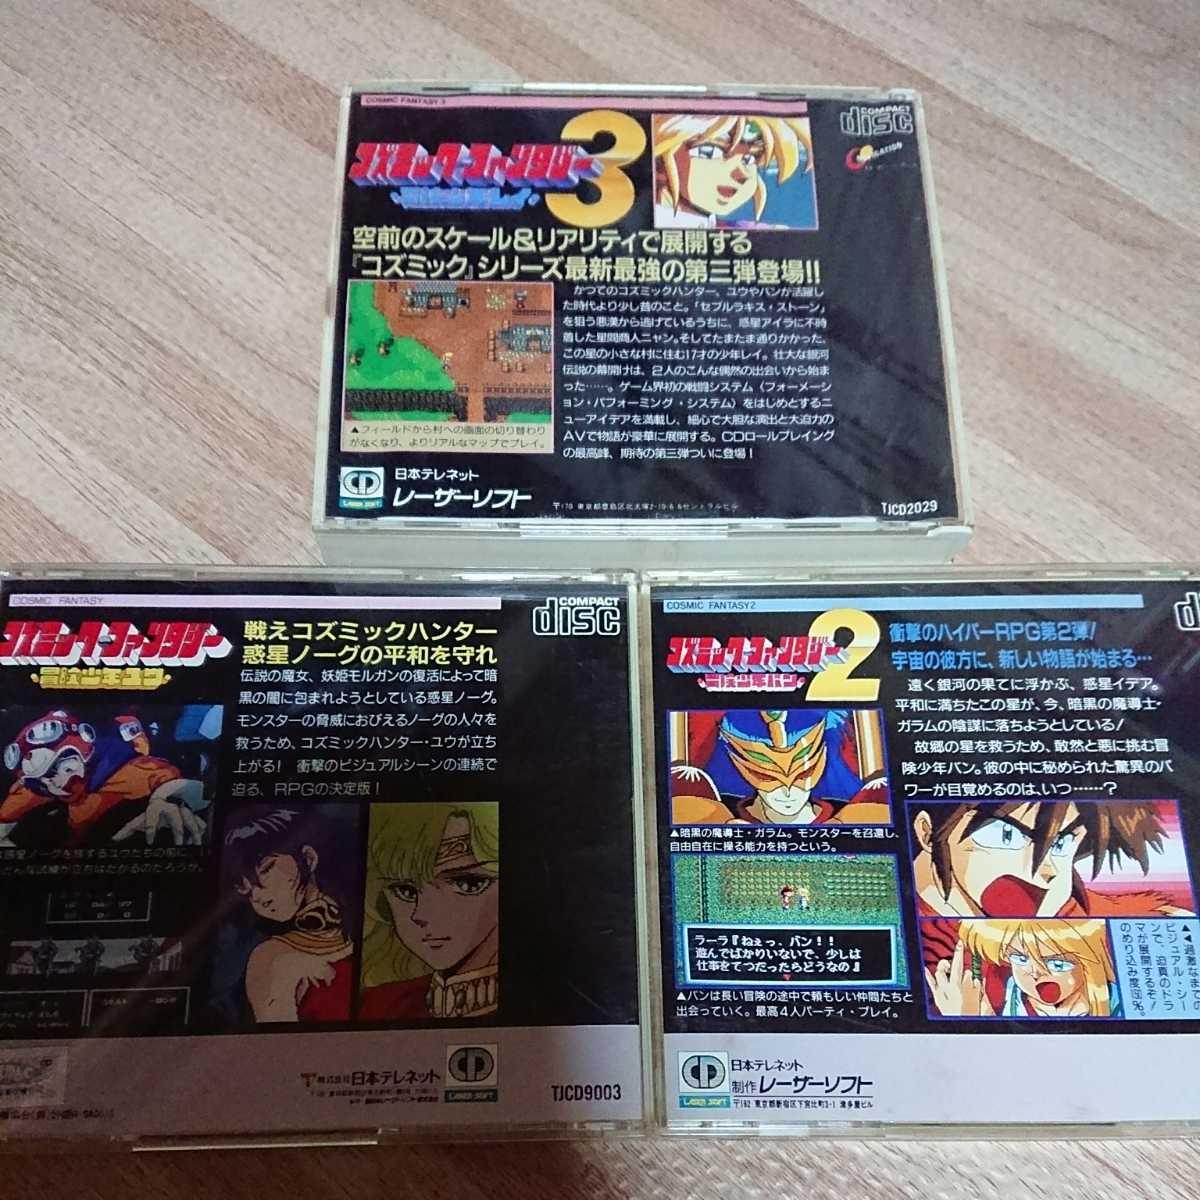 PCエンジン コズミックファンタジーⅠ Ⅱ Ⅲ 3枚セットまとめ売り まとめて_画像3